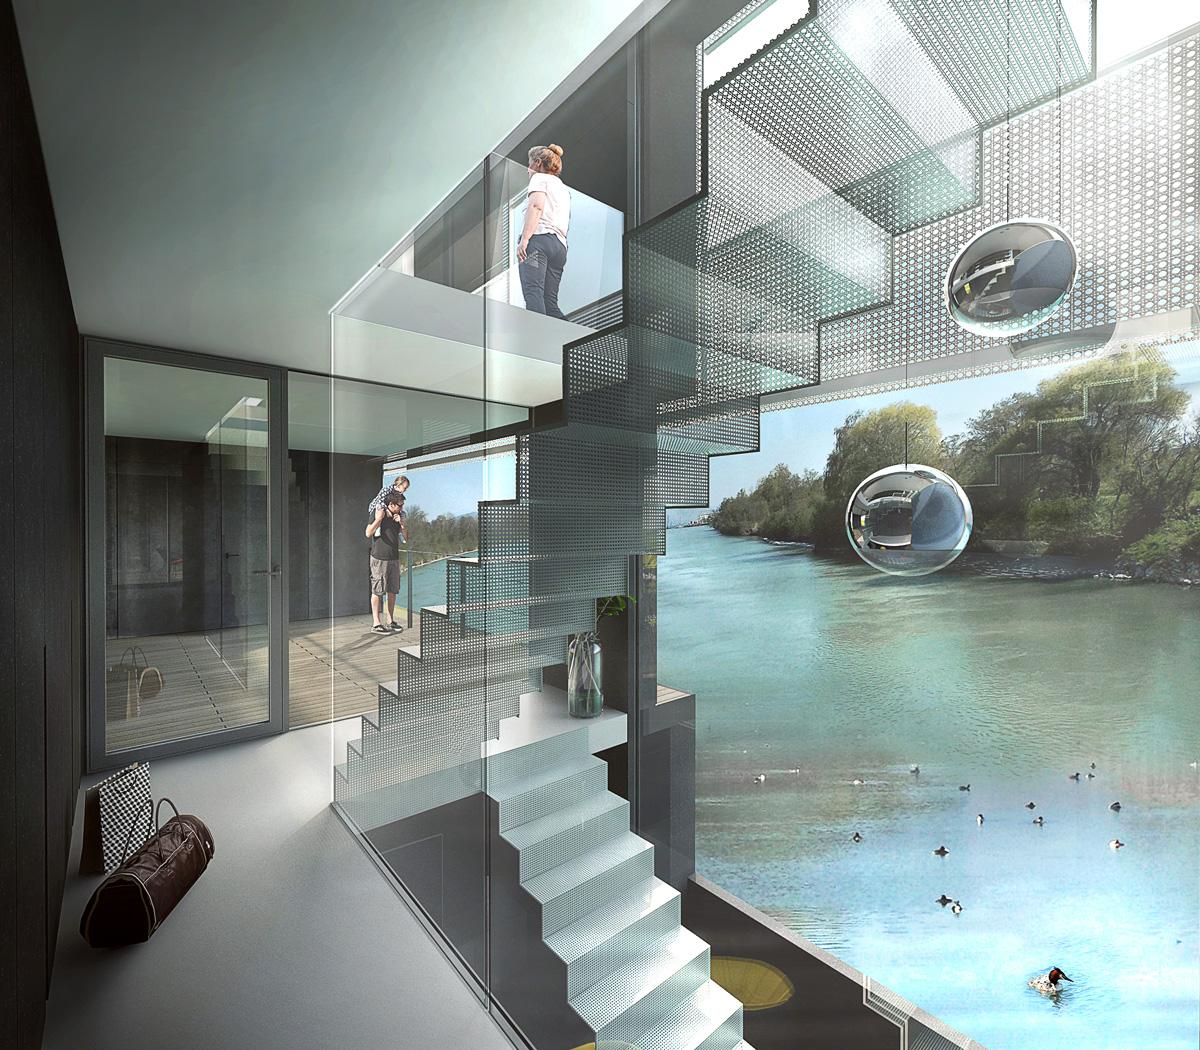 Rénovation d'une péniche bateau en maison flottante contemporaine par Dank, architecte sur Lyon avec une piscine à débordement. Escalier ouvert en métal et verre avec vue sur la rive